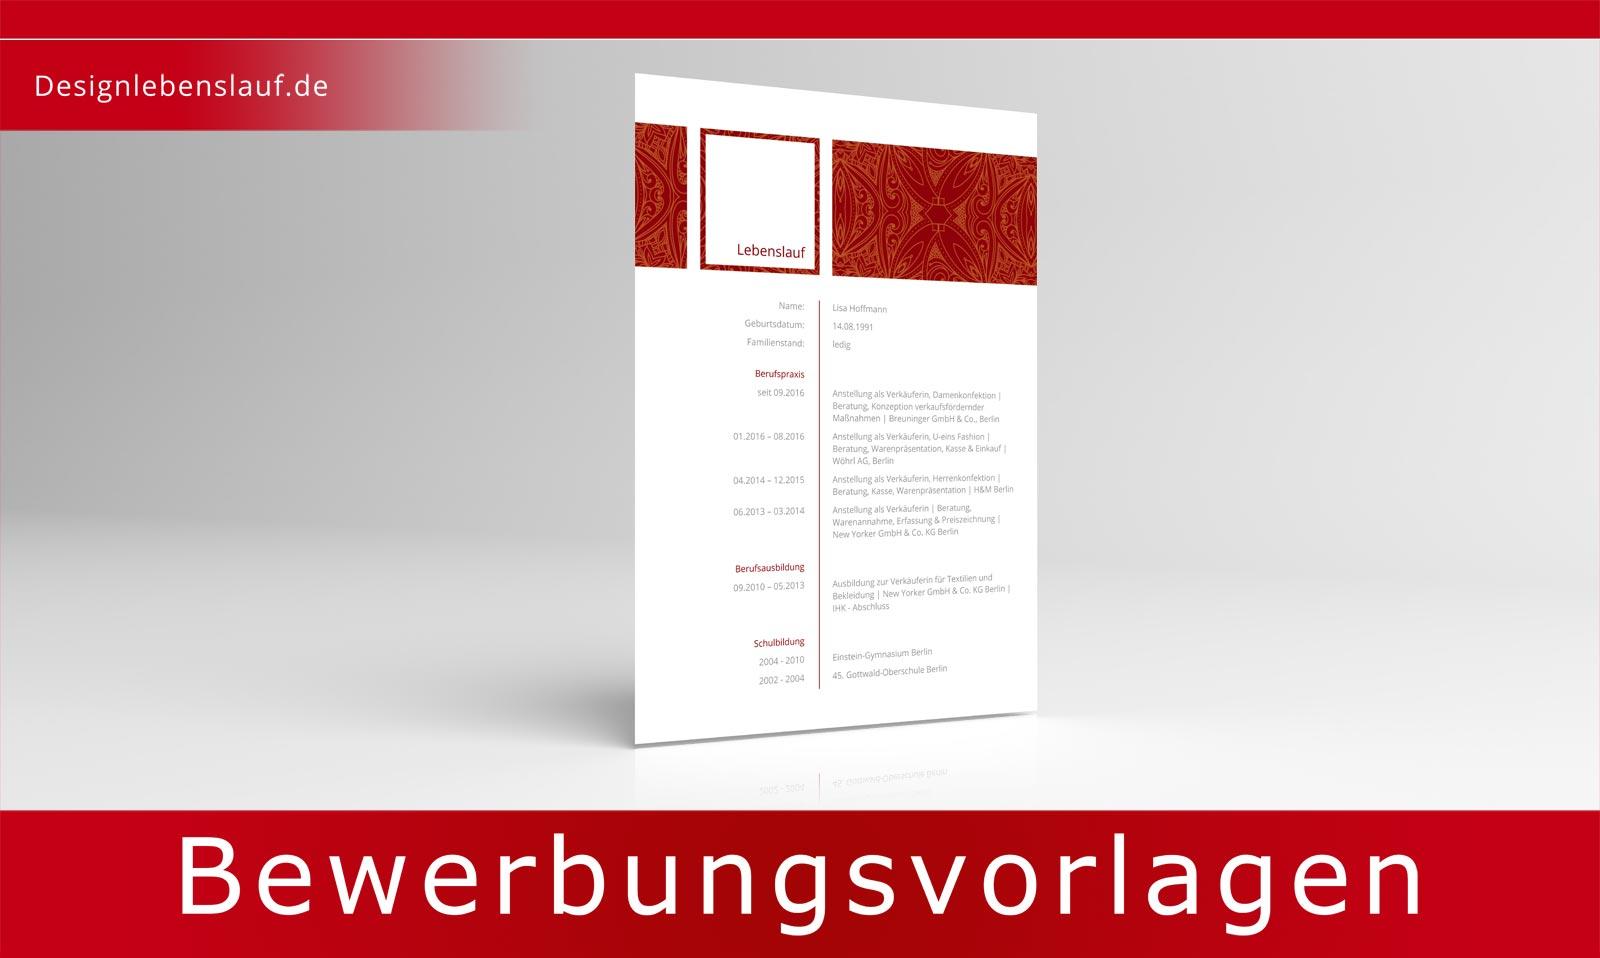 Bewerbung Deckblatt Vorlagen Mit Anschreiben Lebenslauf